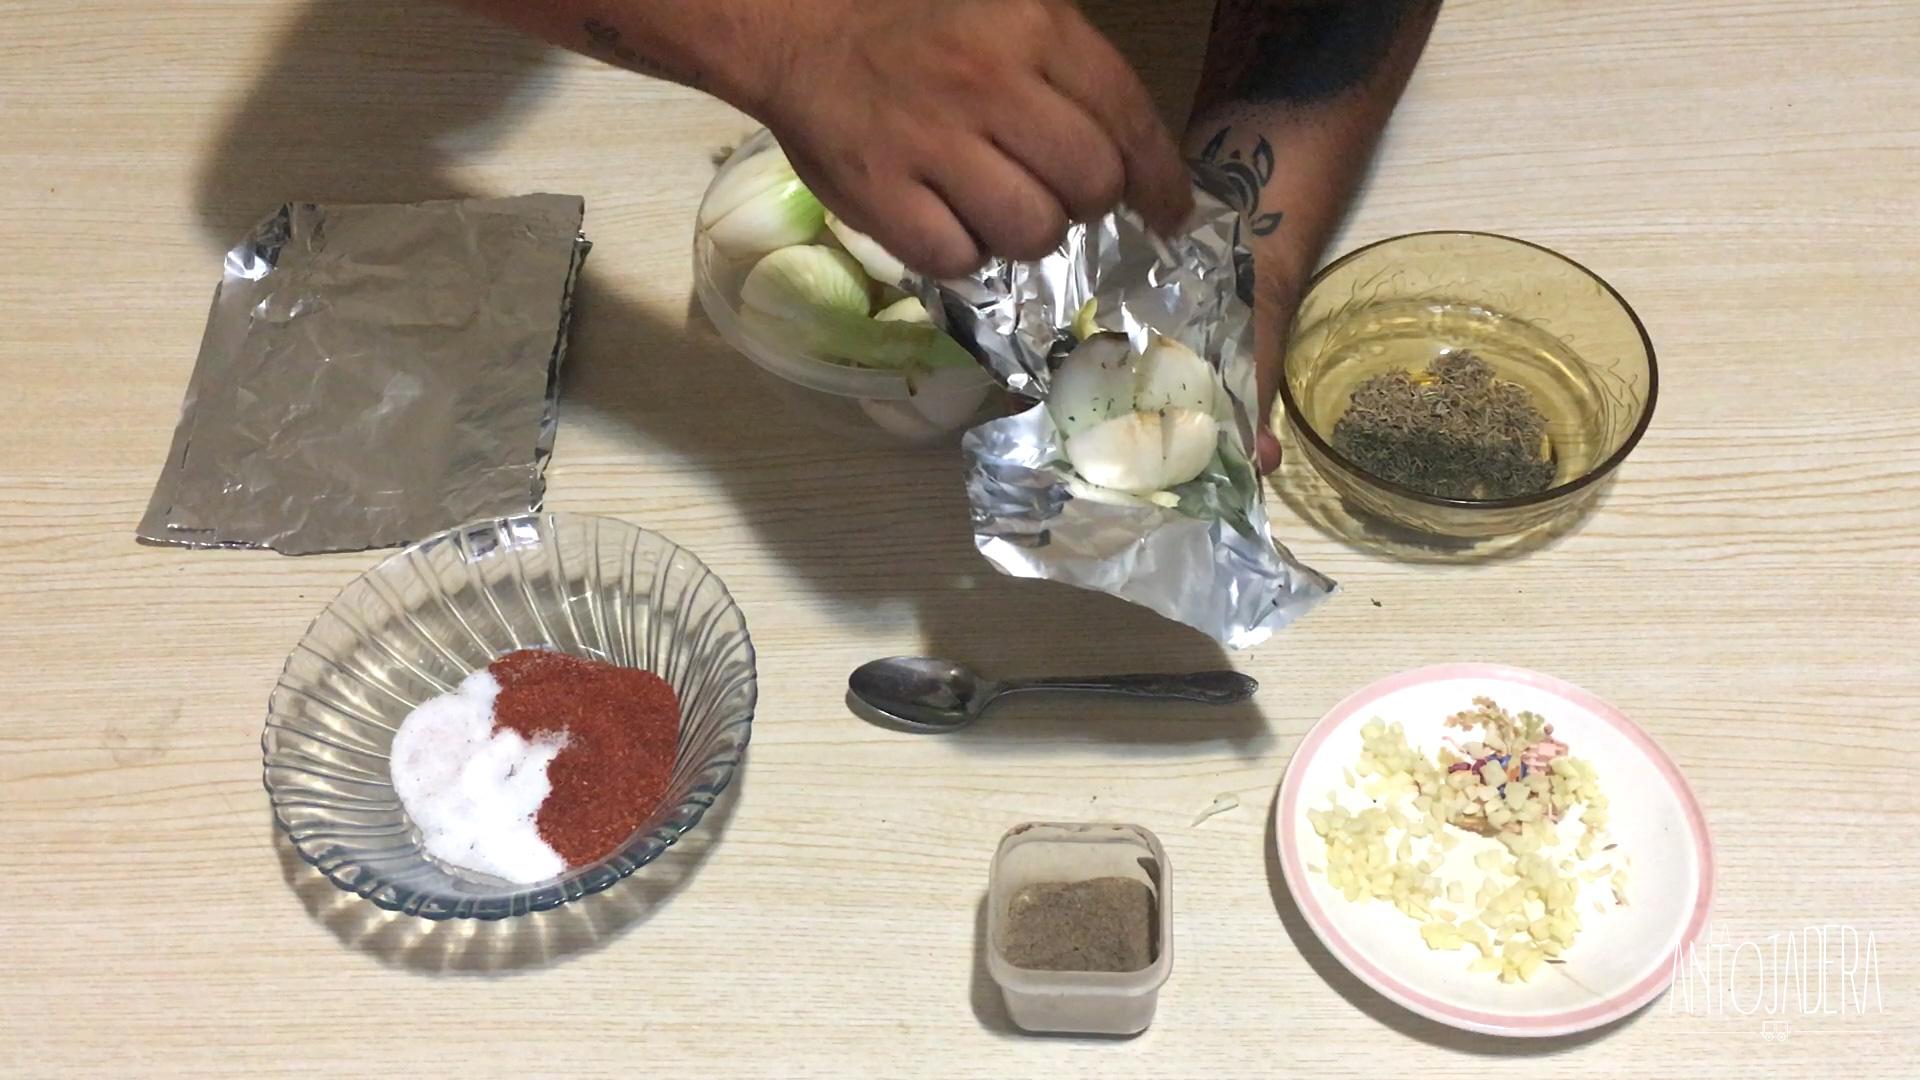 La Antojadera | Cebollas con Especias a las Brasas